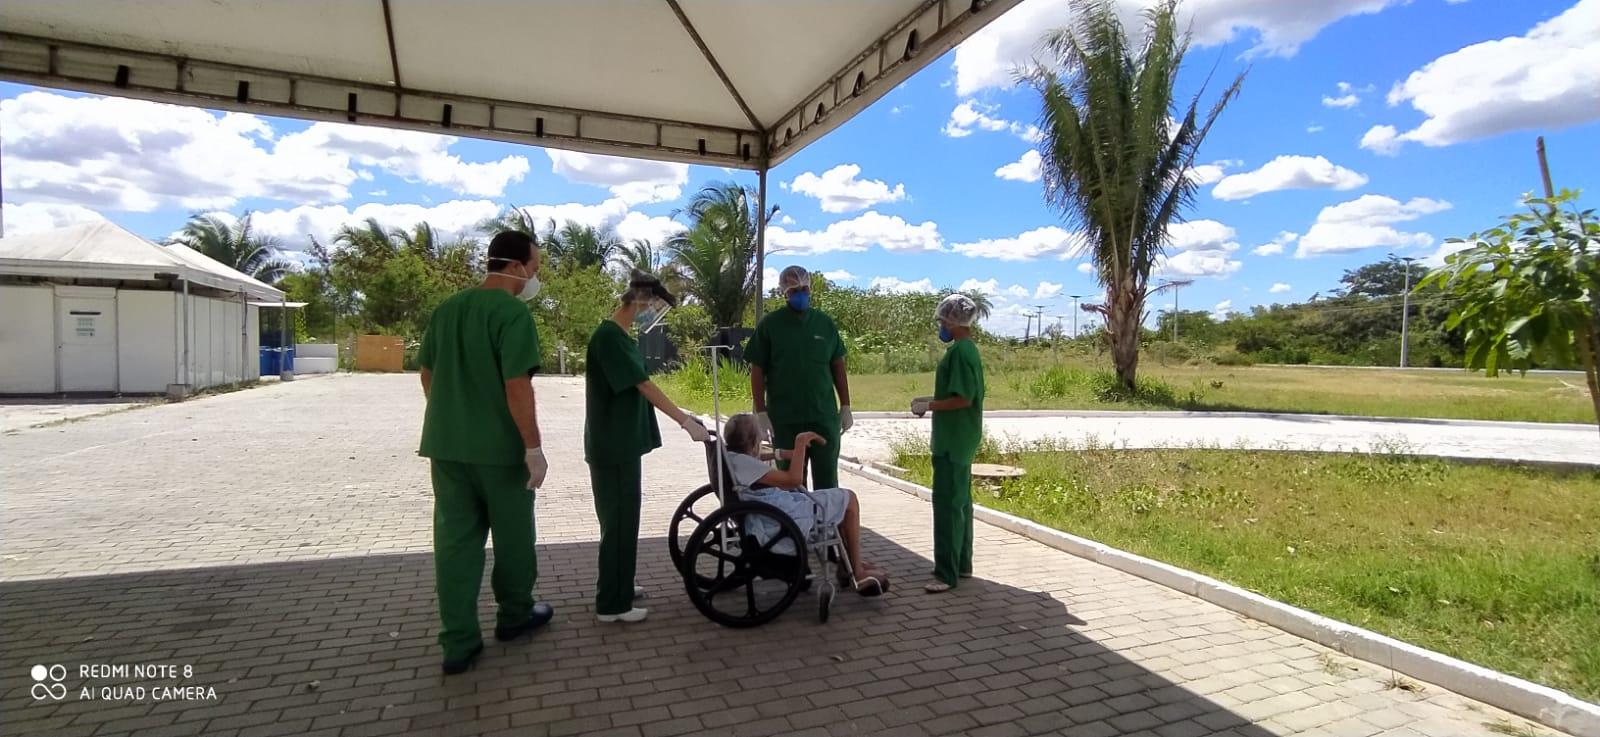 Com a iniciativa, a equipe de saúde pretende proporcionar bem-estar e acelerar o processo de cura dessas pessoas.